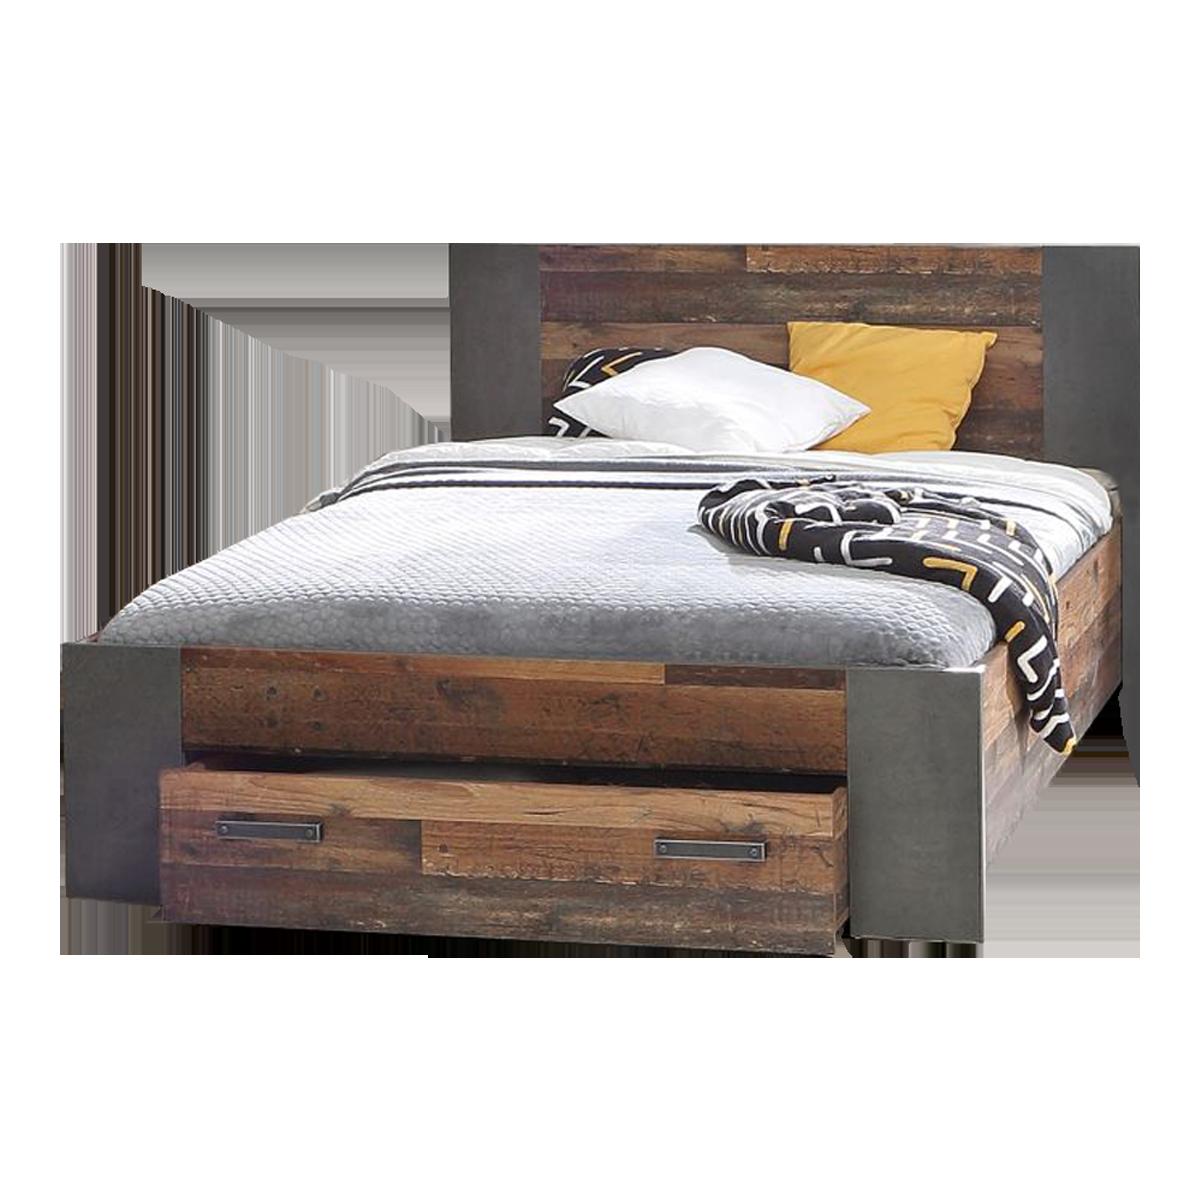 Full Size of Jugendbett In Old Wood Nachbildung Liegeflche 140 200 Cm Bett 190x90 Regal Eiche Stauraum Jugendzimmer Betten Mit Aufbewahrung 140x200 Ohne Kopfteil Selber Bett Bett Sonoma Eiche 140x200